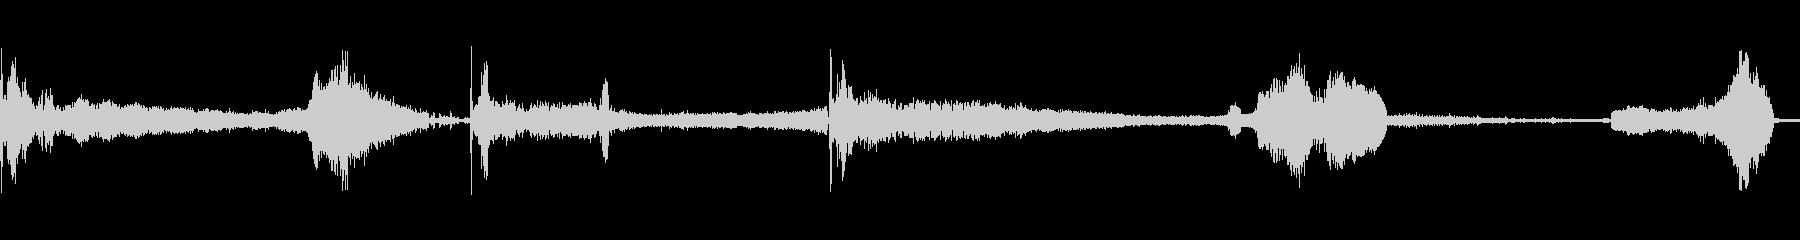 車シボレーノヴァドライブスキッドストップの未再生の波形